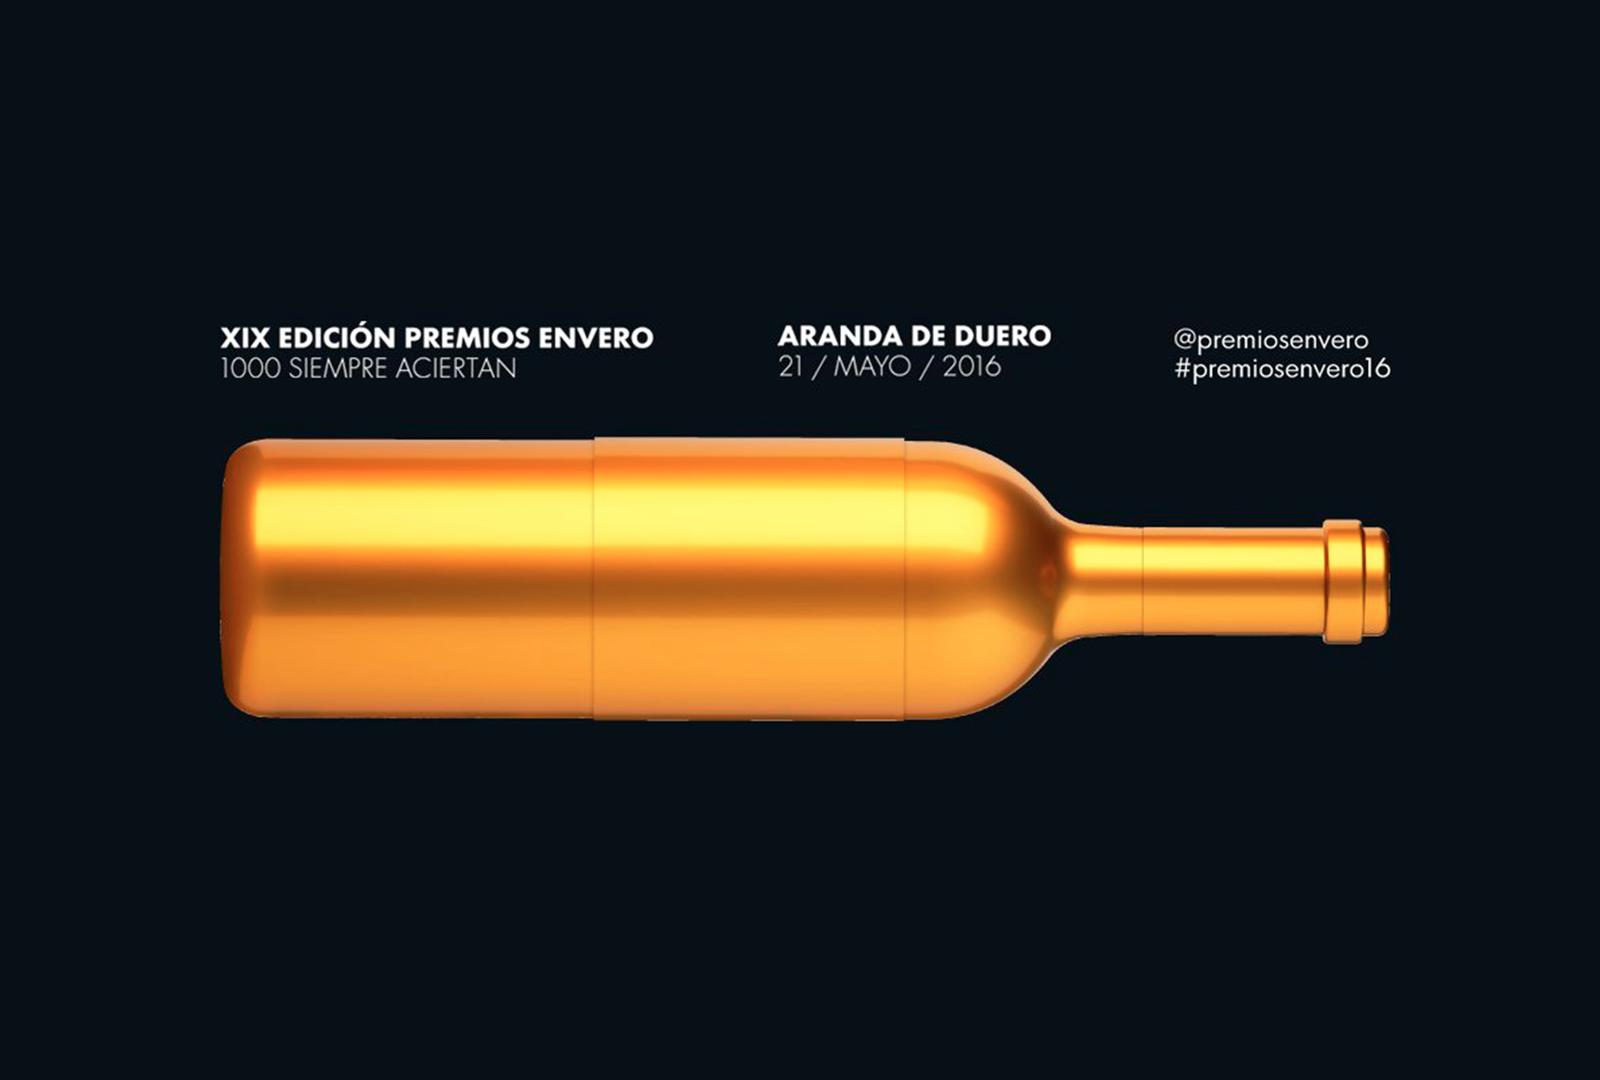 Premios Envero 2016: un Concurso de ¡1000 narices!